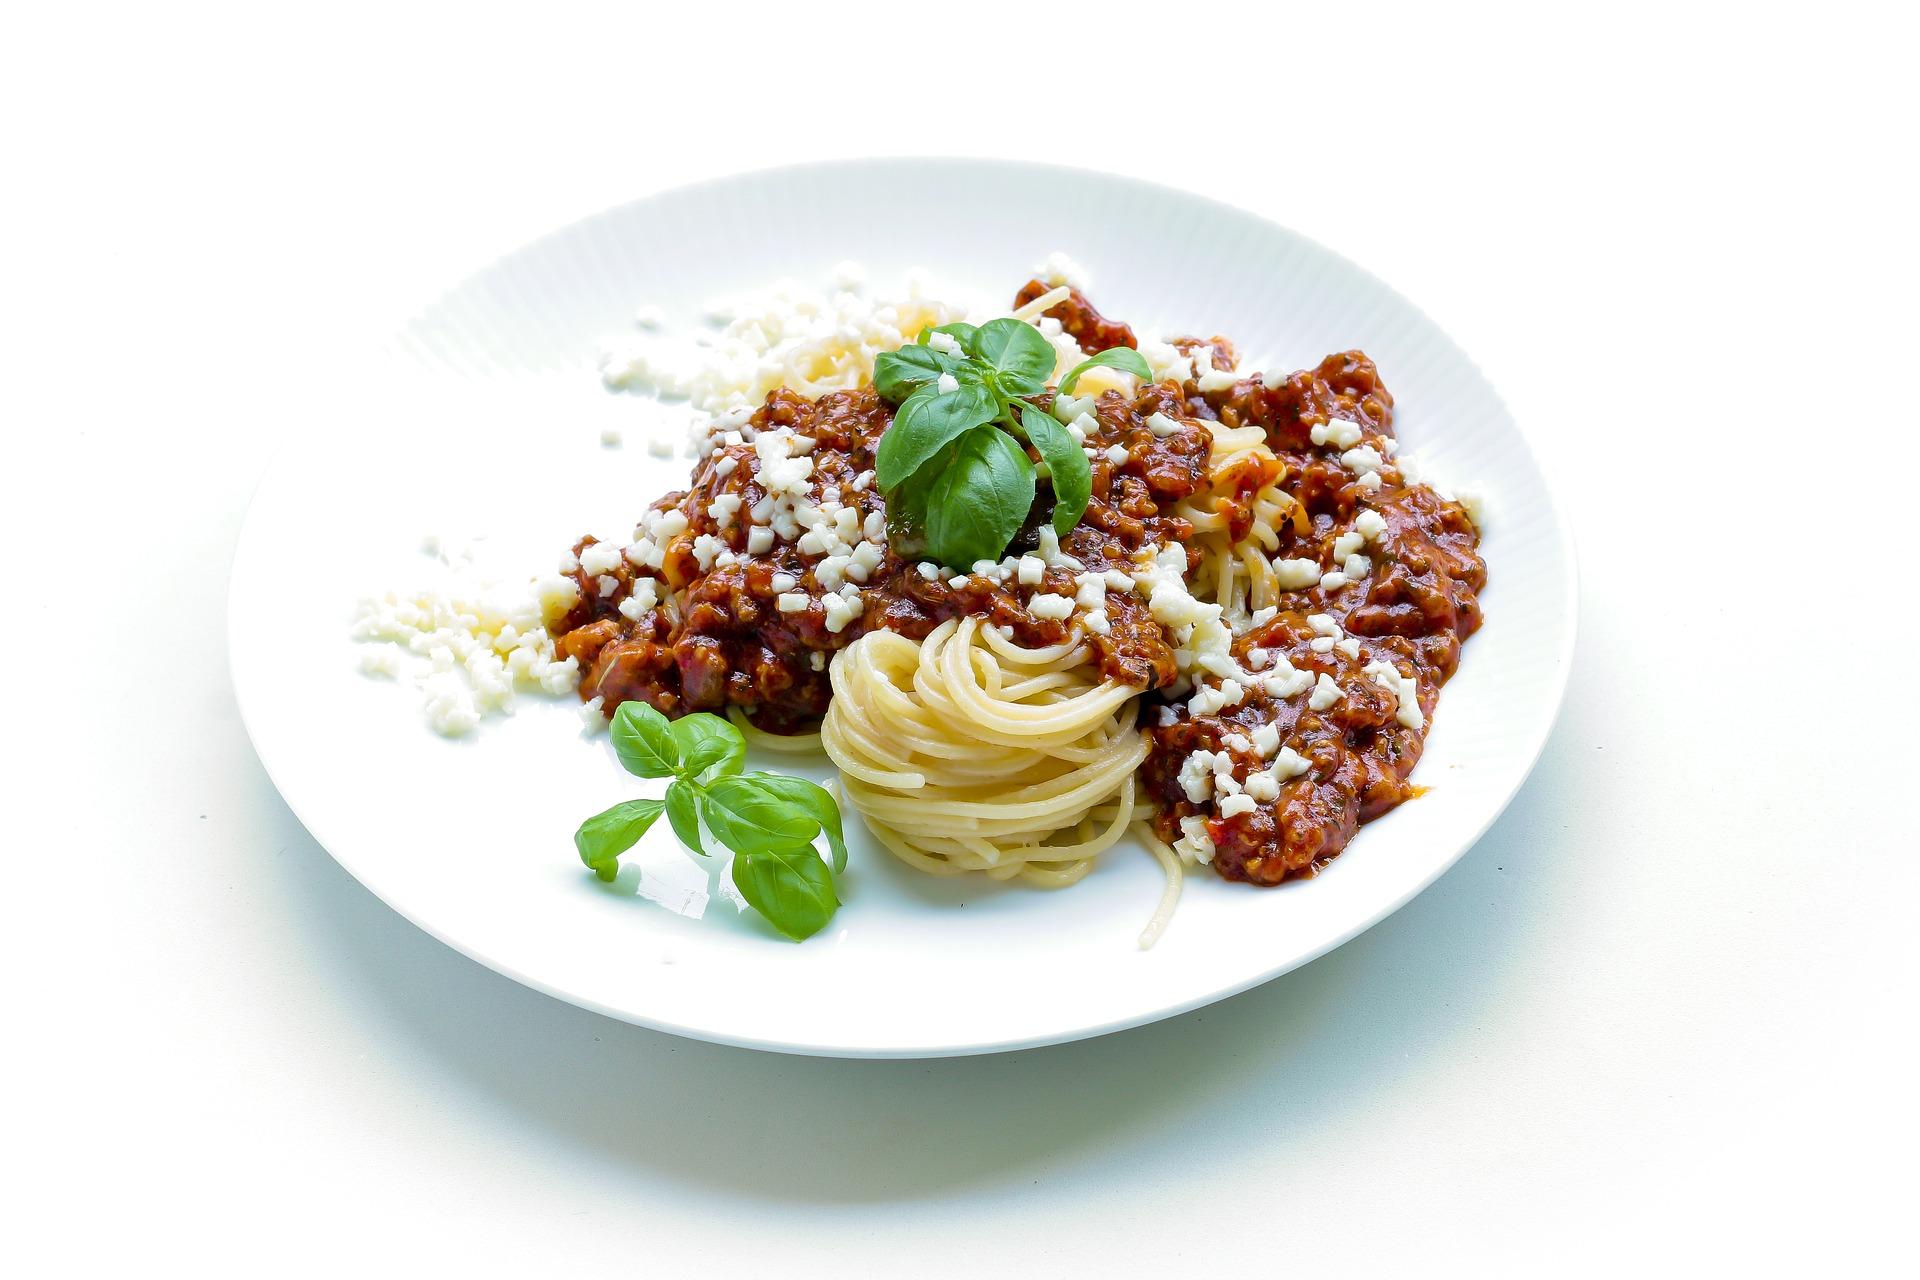 Szybki obiad – przepis na domowe spaghetti